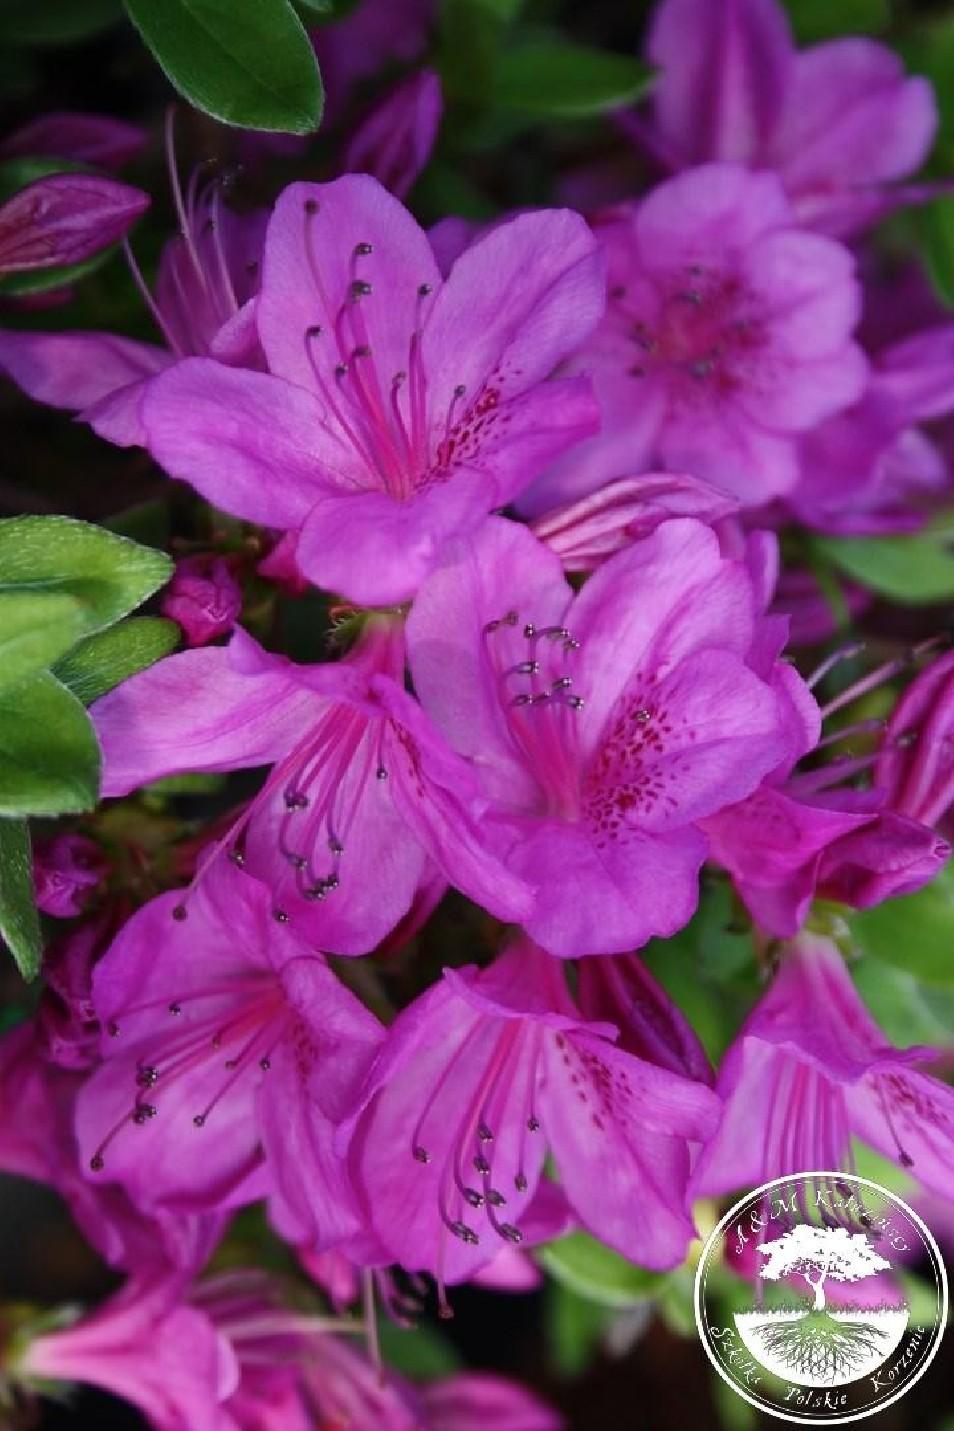 Rhododendron japanese azalea 'Orlice'